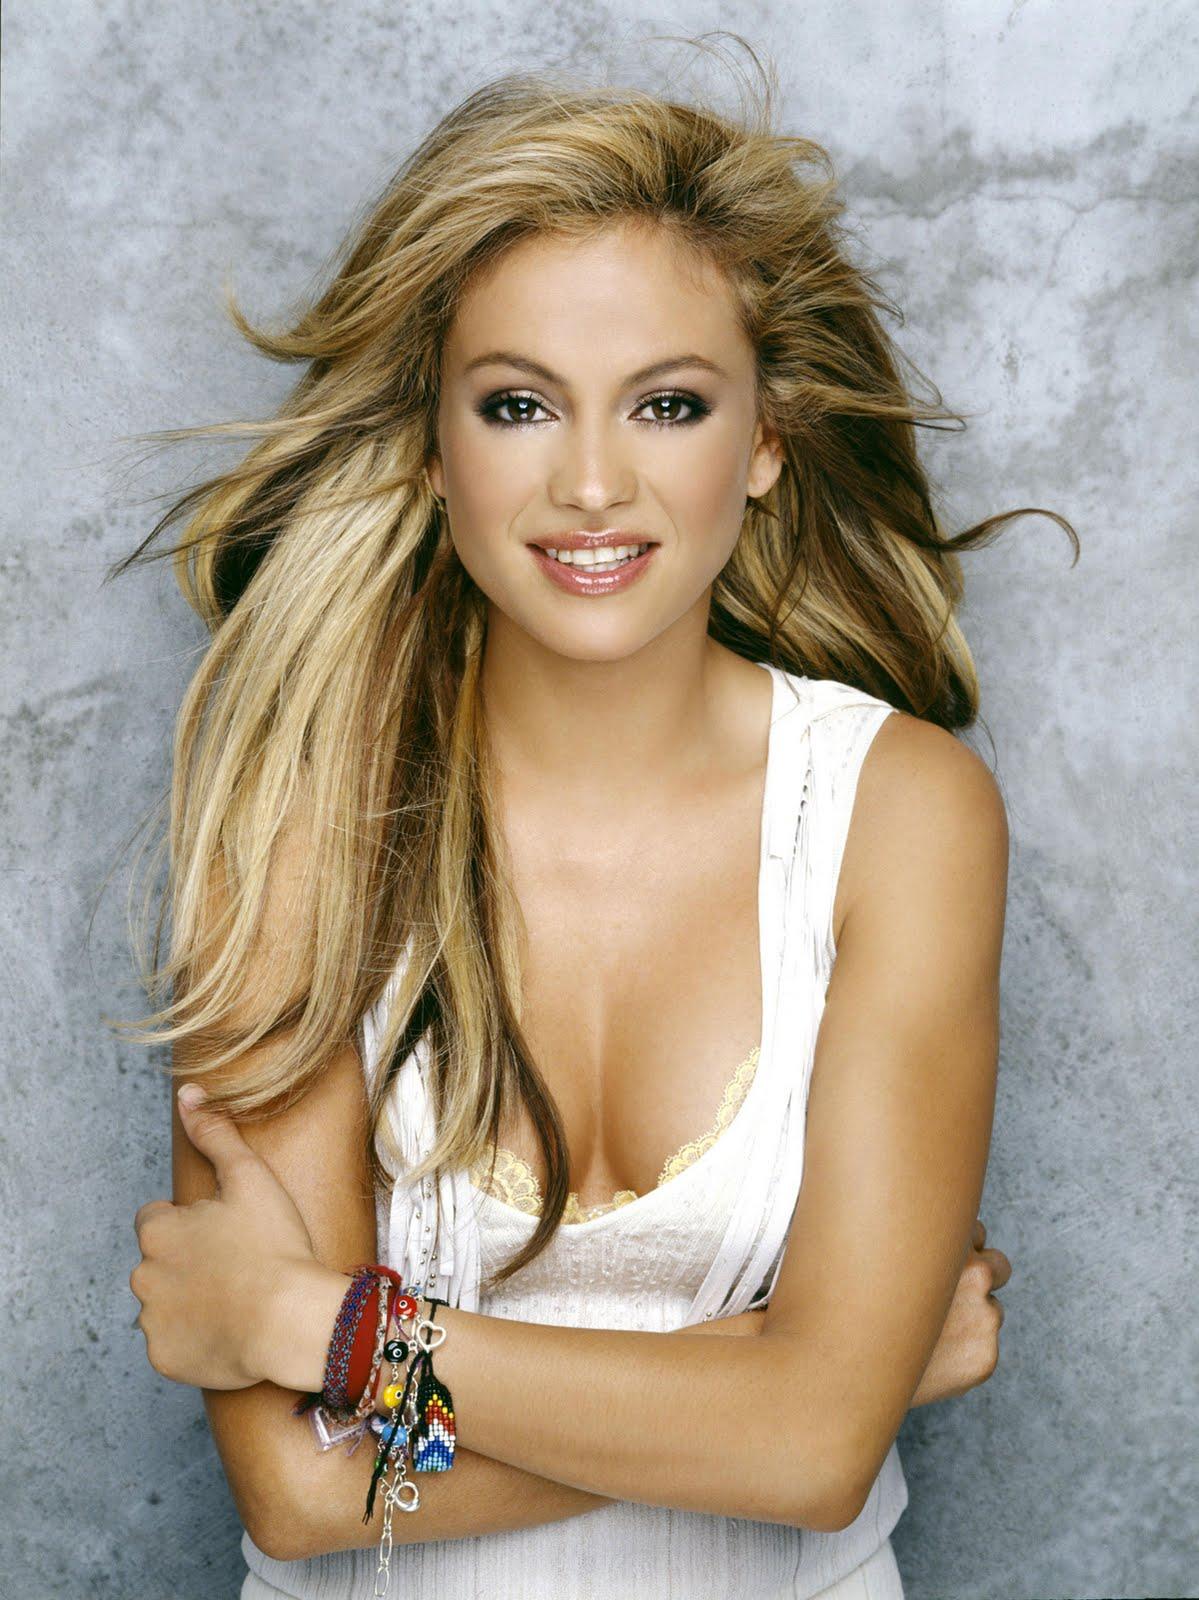 Sexy Hot Mexican Women - Paulina Rubio